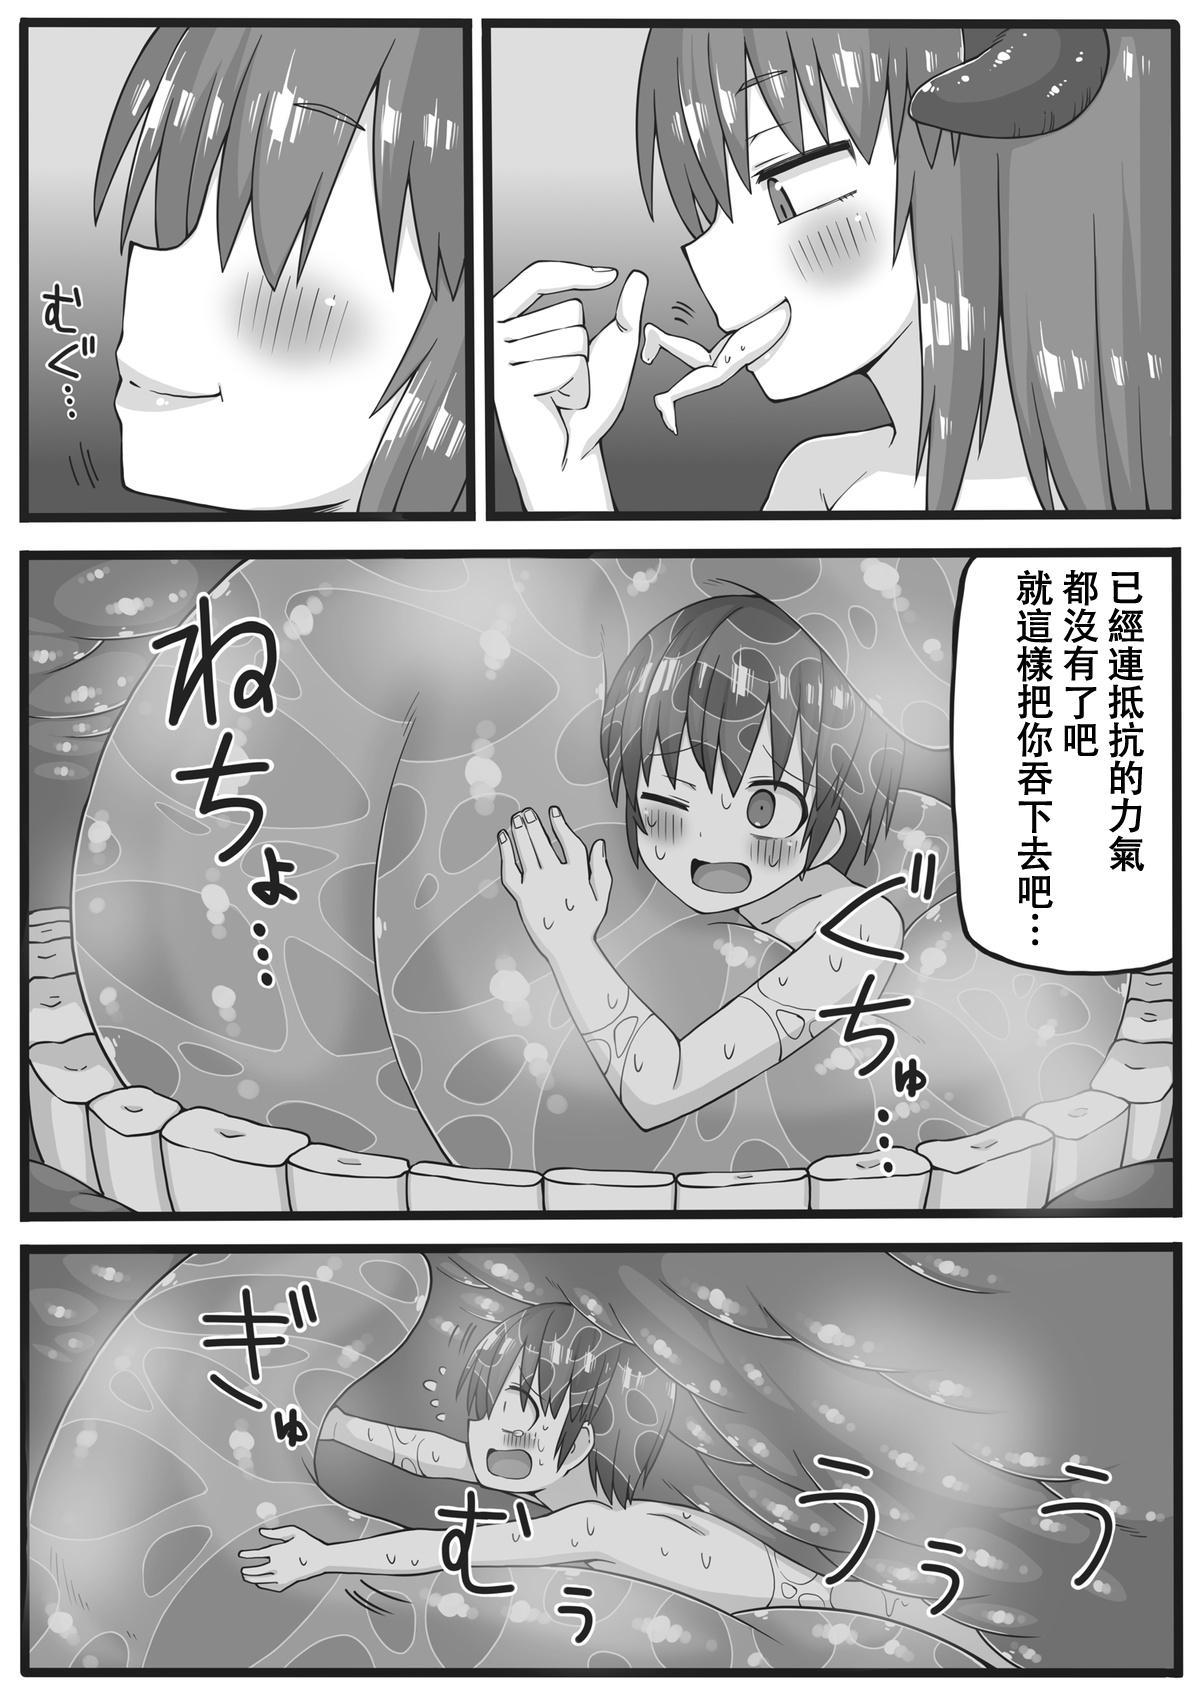 Yuusha ga Chiisaku Ecchi na Koto o Sarete Shimau Manga 28